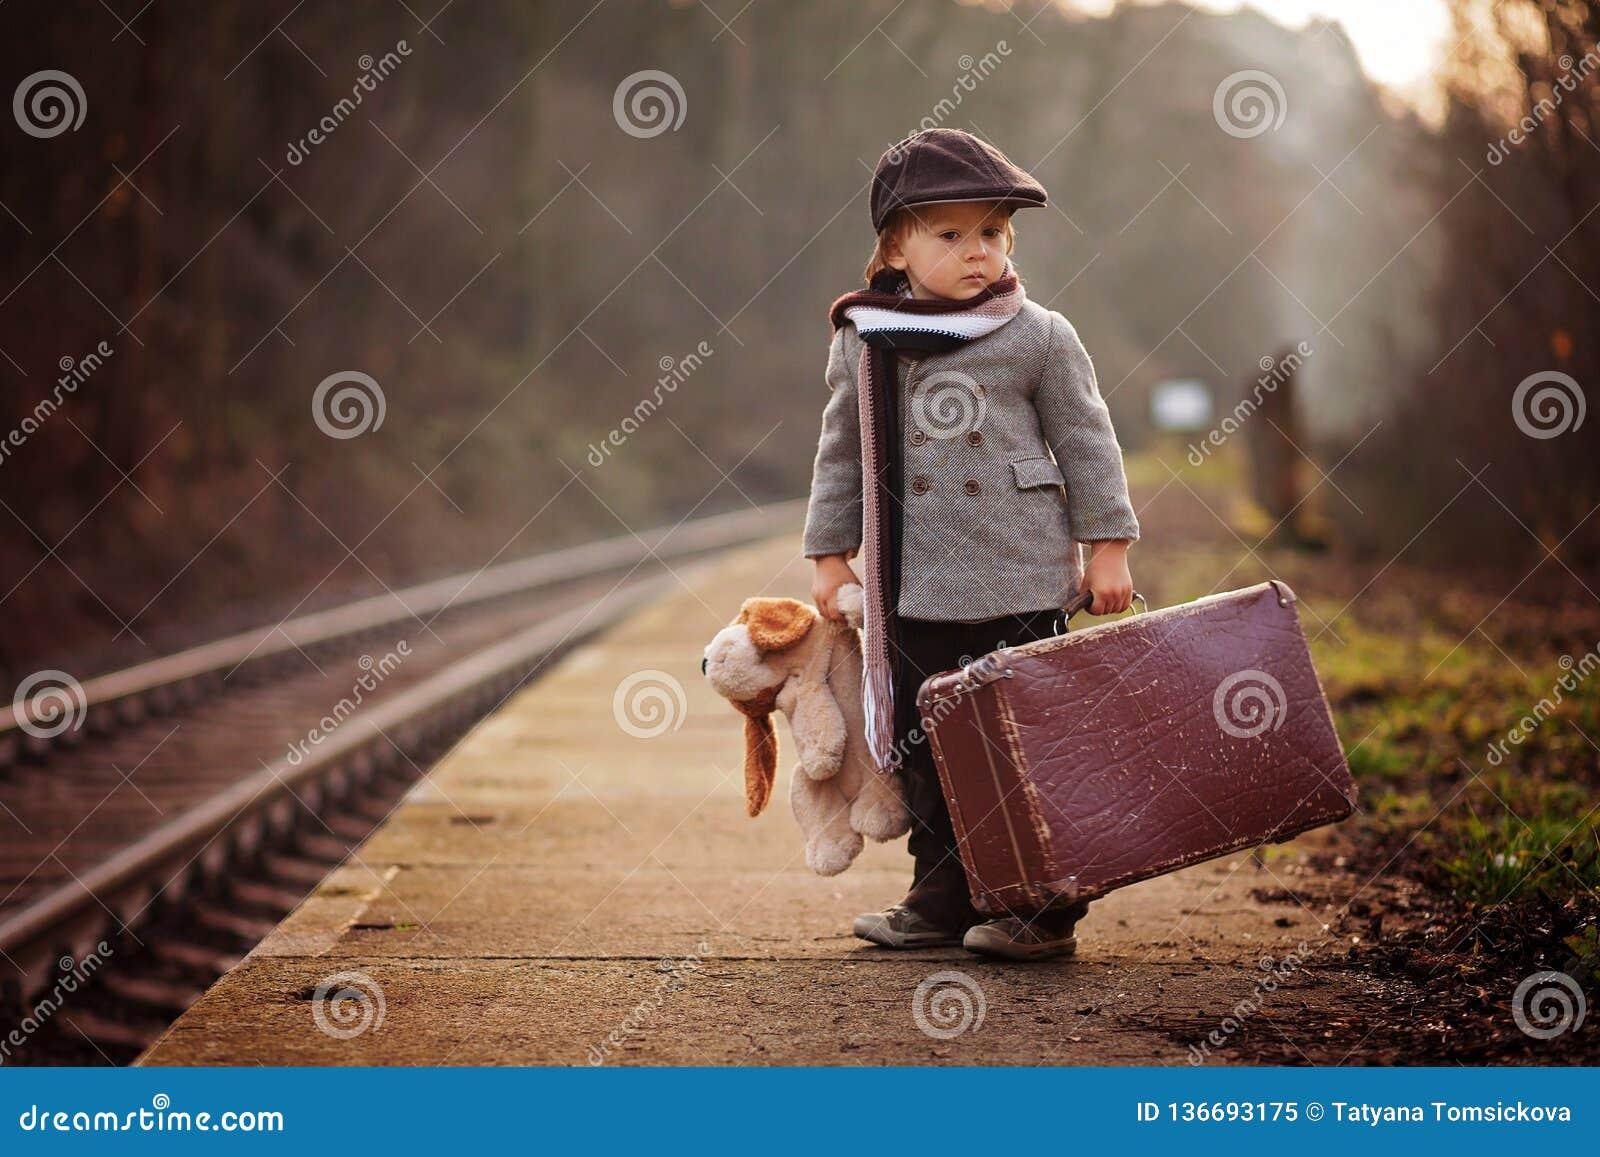 Urocza chłopiec na staci kolejowej, czeka pociąg z walizką i misiem